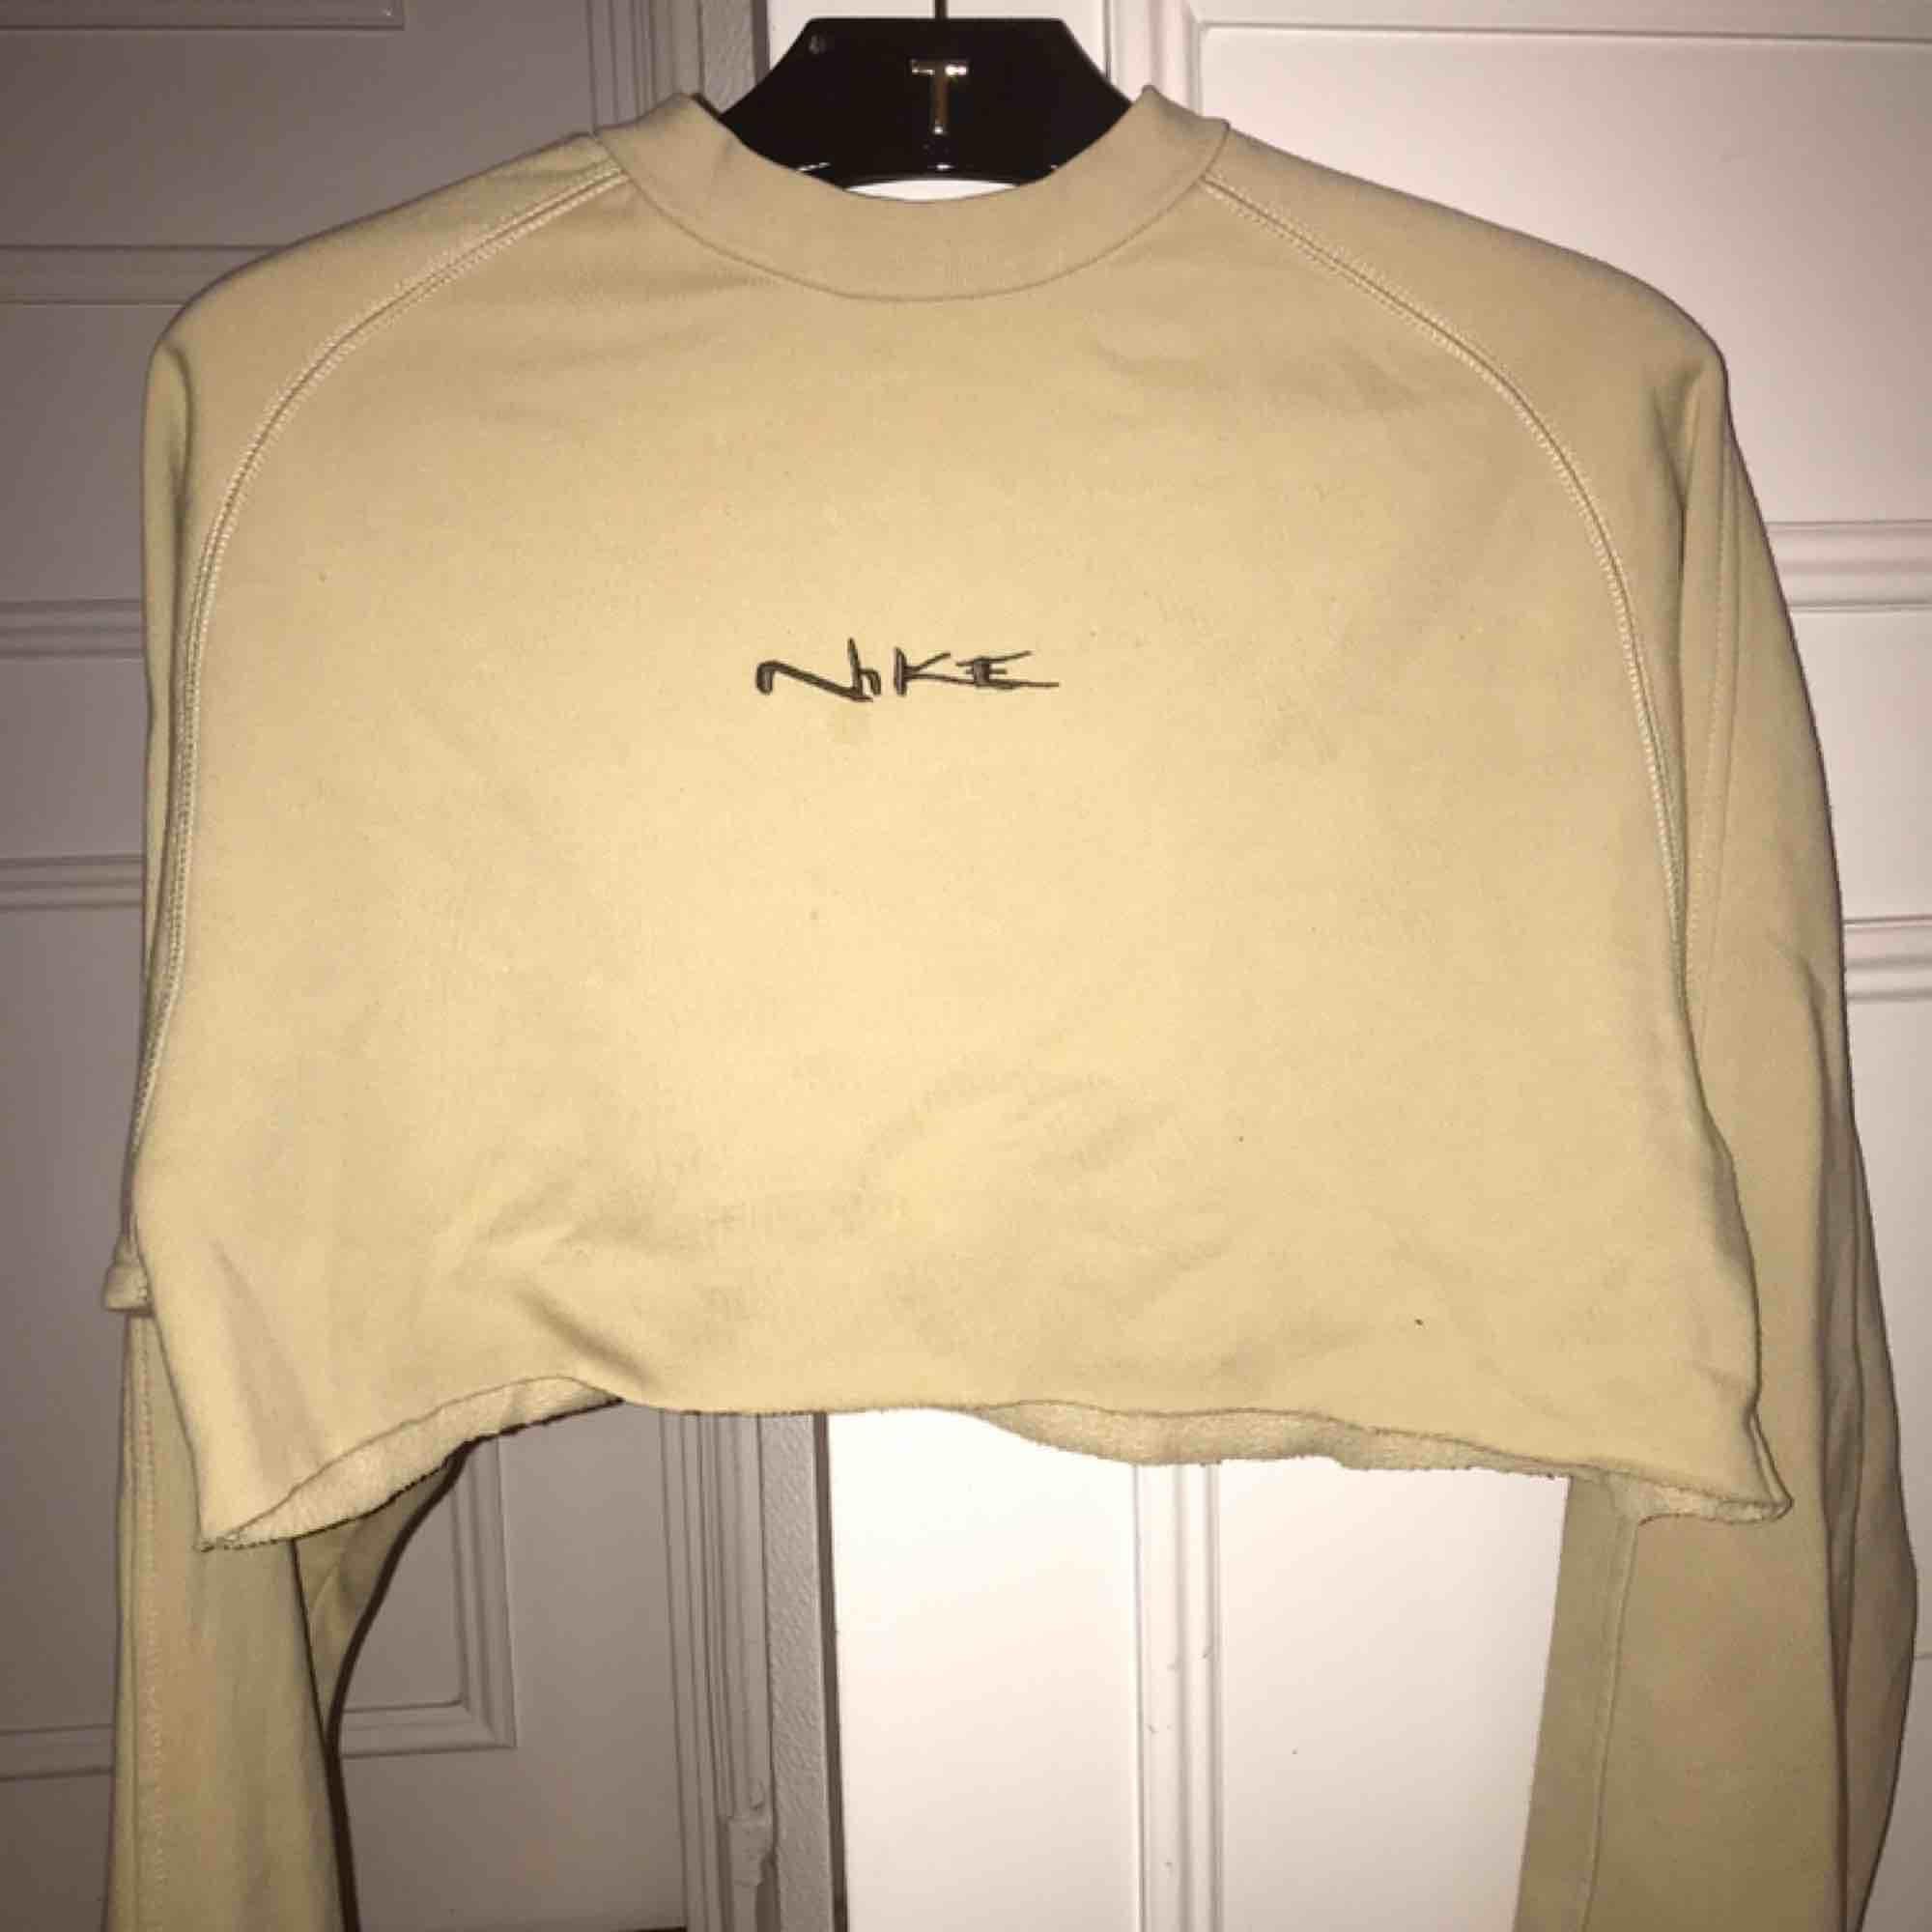 Snygg Nike crop top köpt från Humana. Har långa ärmar.. Tröjor & Koftor.